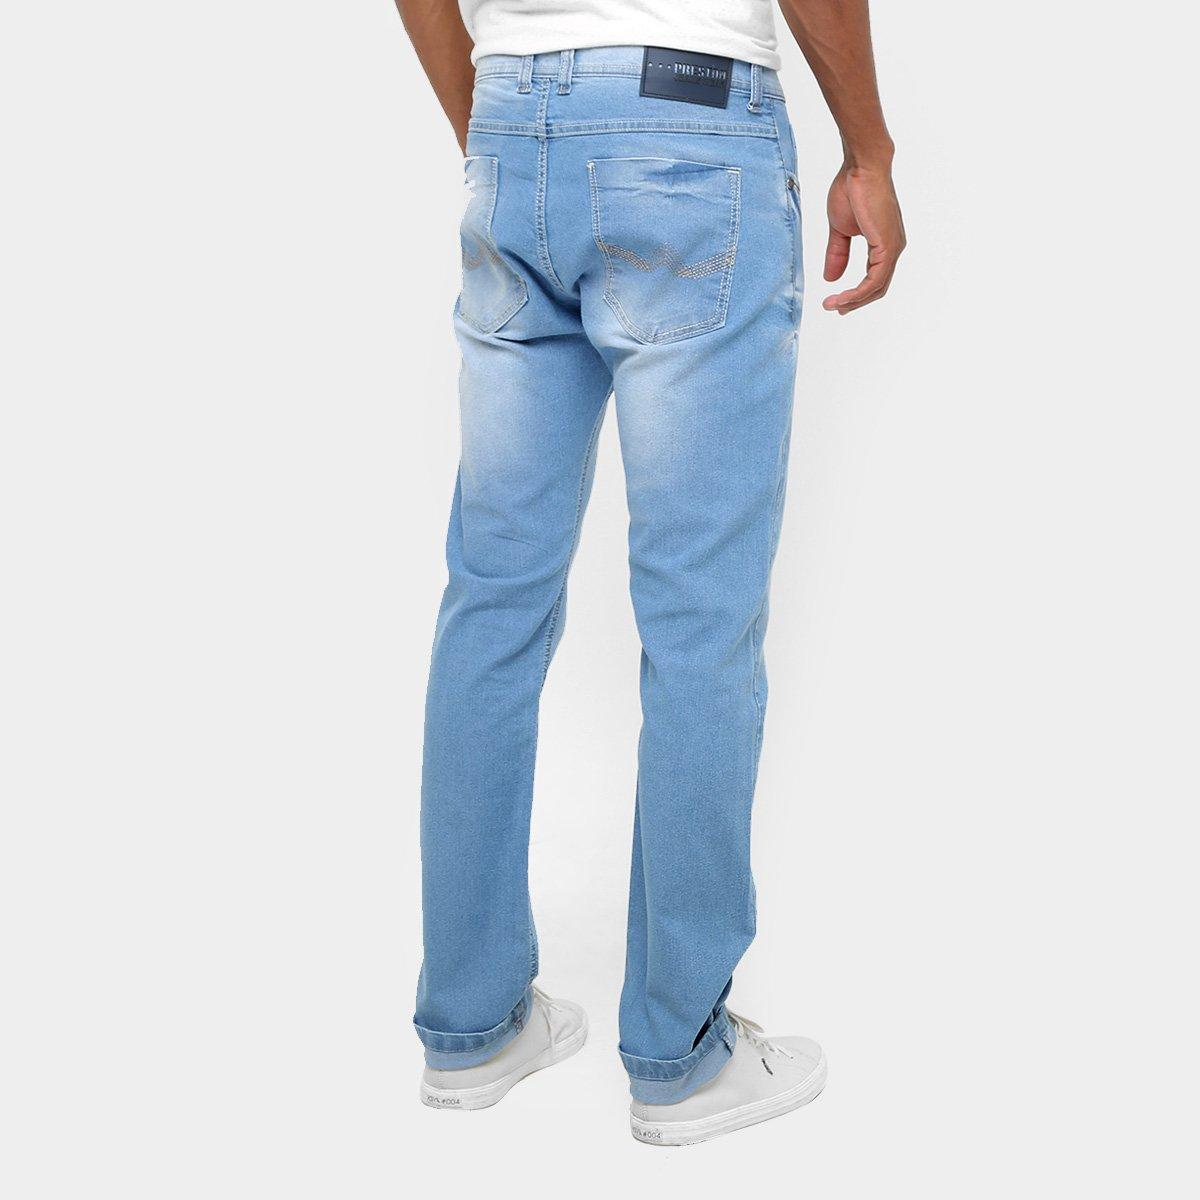 9d59e7142 Calça Jeans Skinny Preston Estonada Masculina - Compre Agora | Zattini